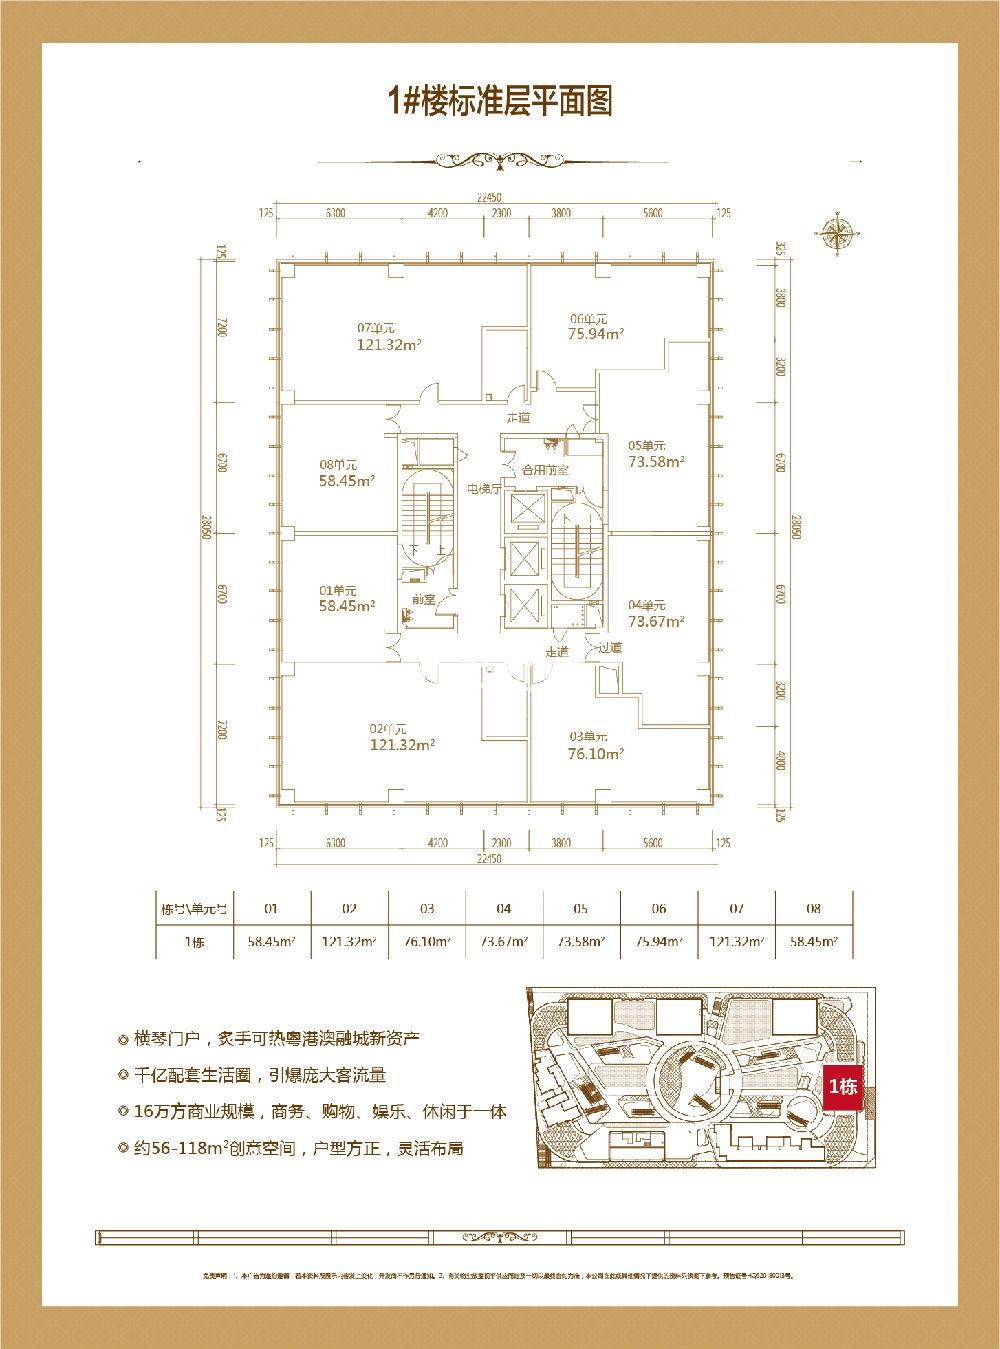 钜星汇商业广场 - 户型图